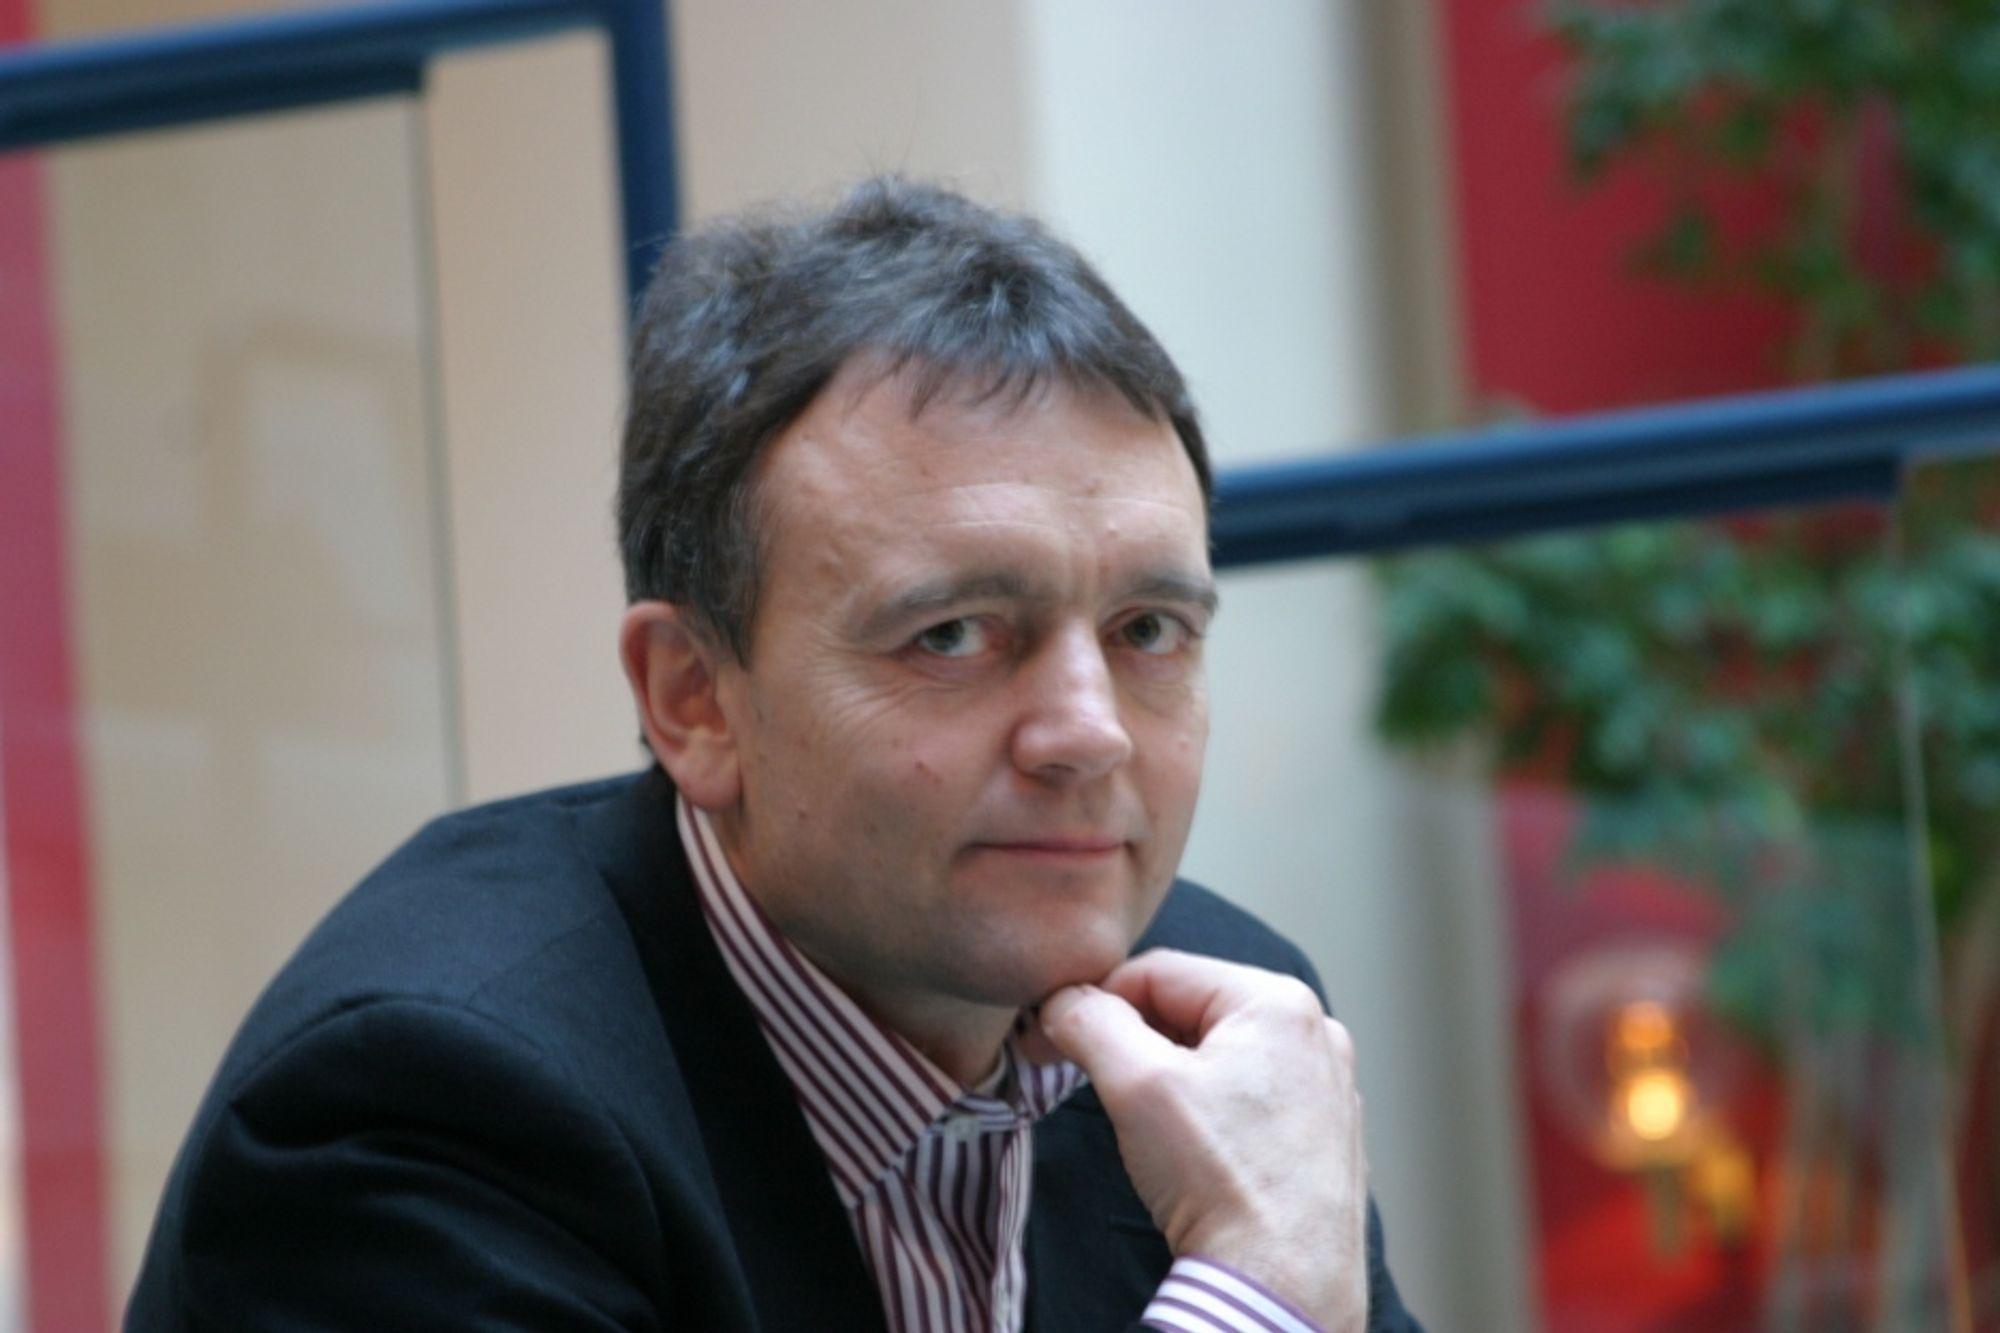 FREMTIDSTANKER: Nyansatt fabrikkdirektør ved Norske Skog Skogn, Knut Dreier, har positive tanker om fremtiden selv om kraftsituasjonen i Midt-Norge er vanskelig i dag. ¿ Norsk gass må være tilgjengelig for innelands foredling, ikke bare i Europa, sier han.